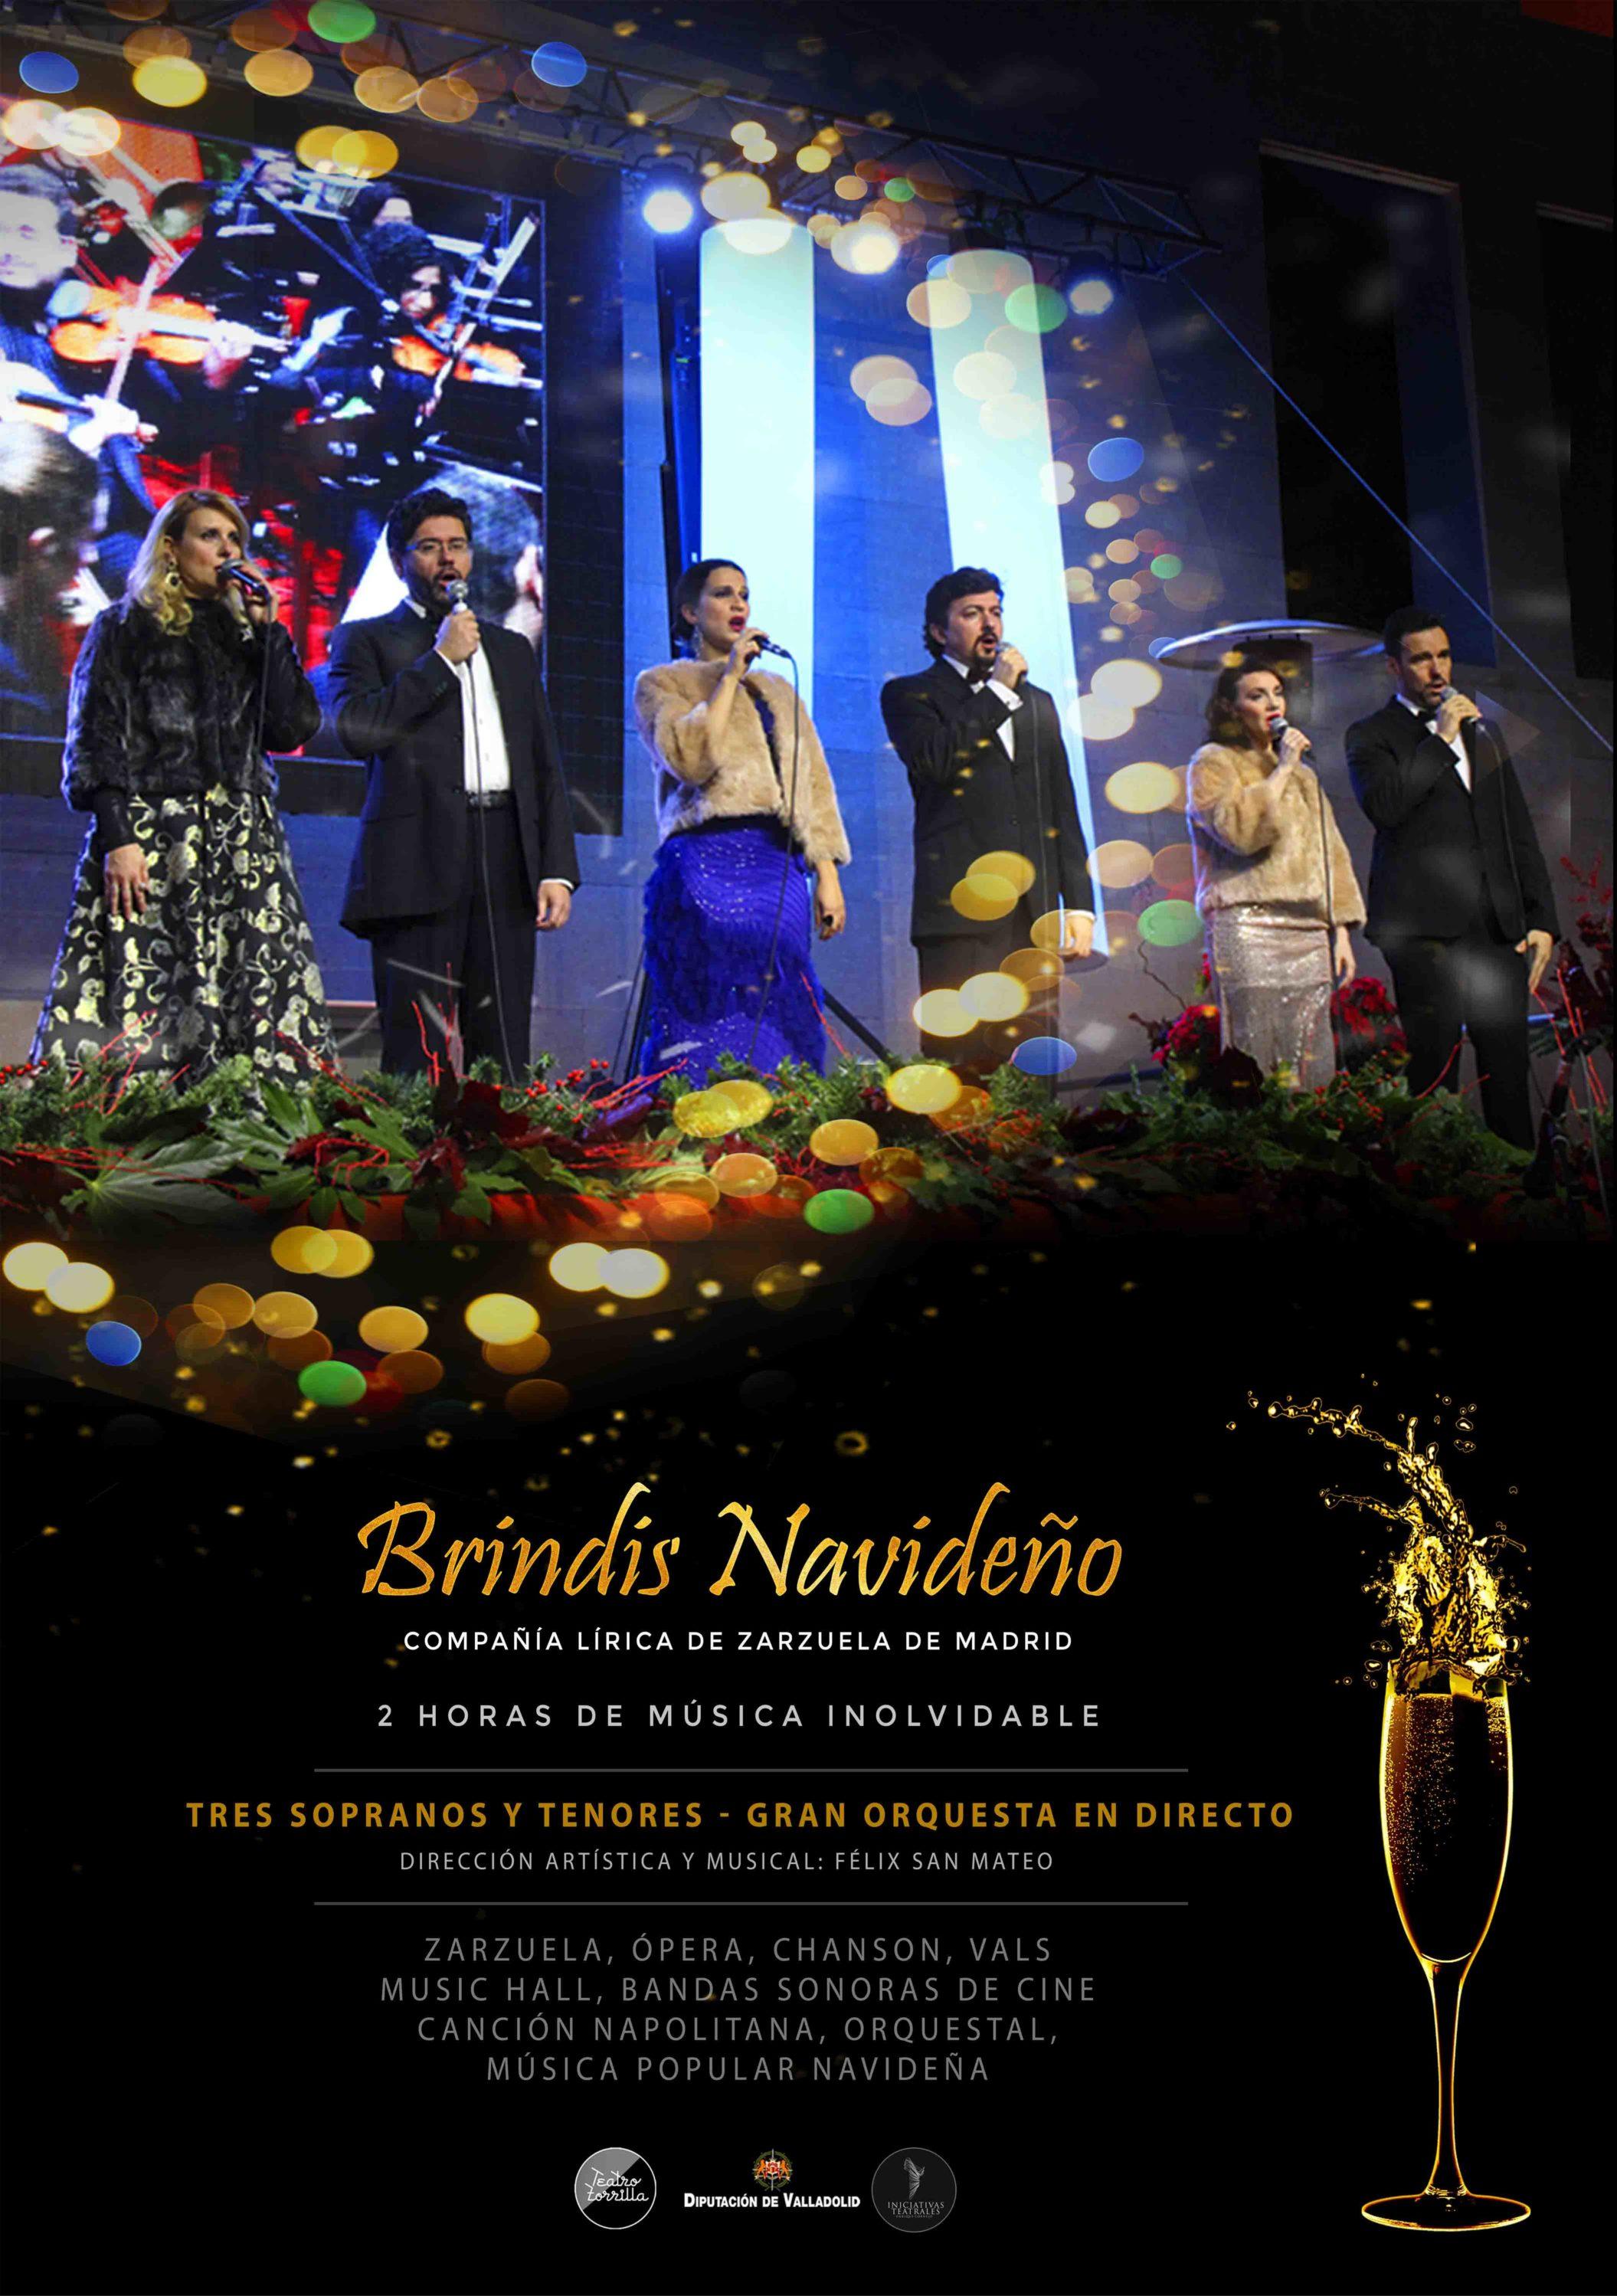 22 de Diciembre: Brindis Navideño